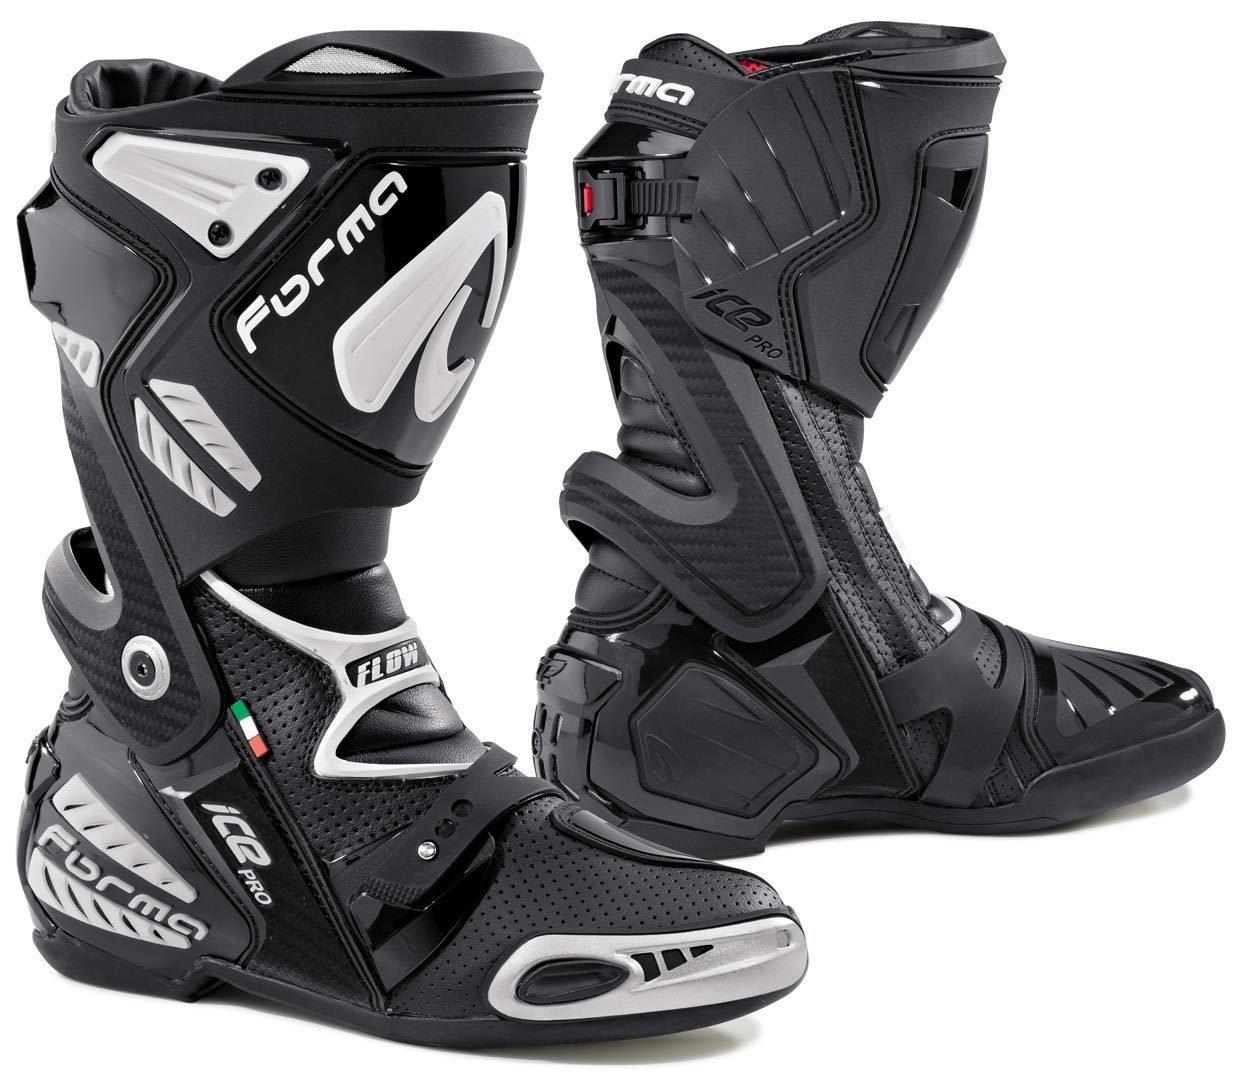 Ботинки FORMA ICE PRO BLACK (44) (Артикул: 67030)